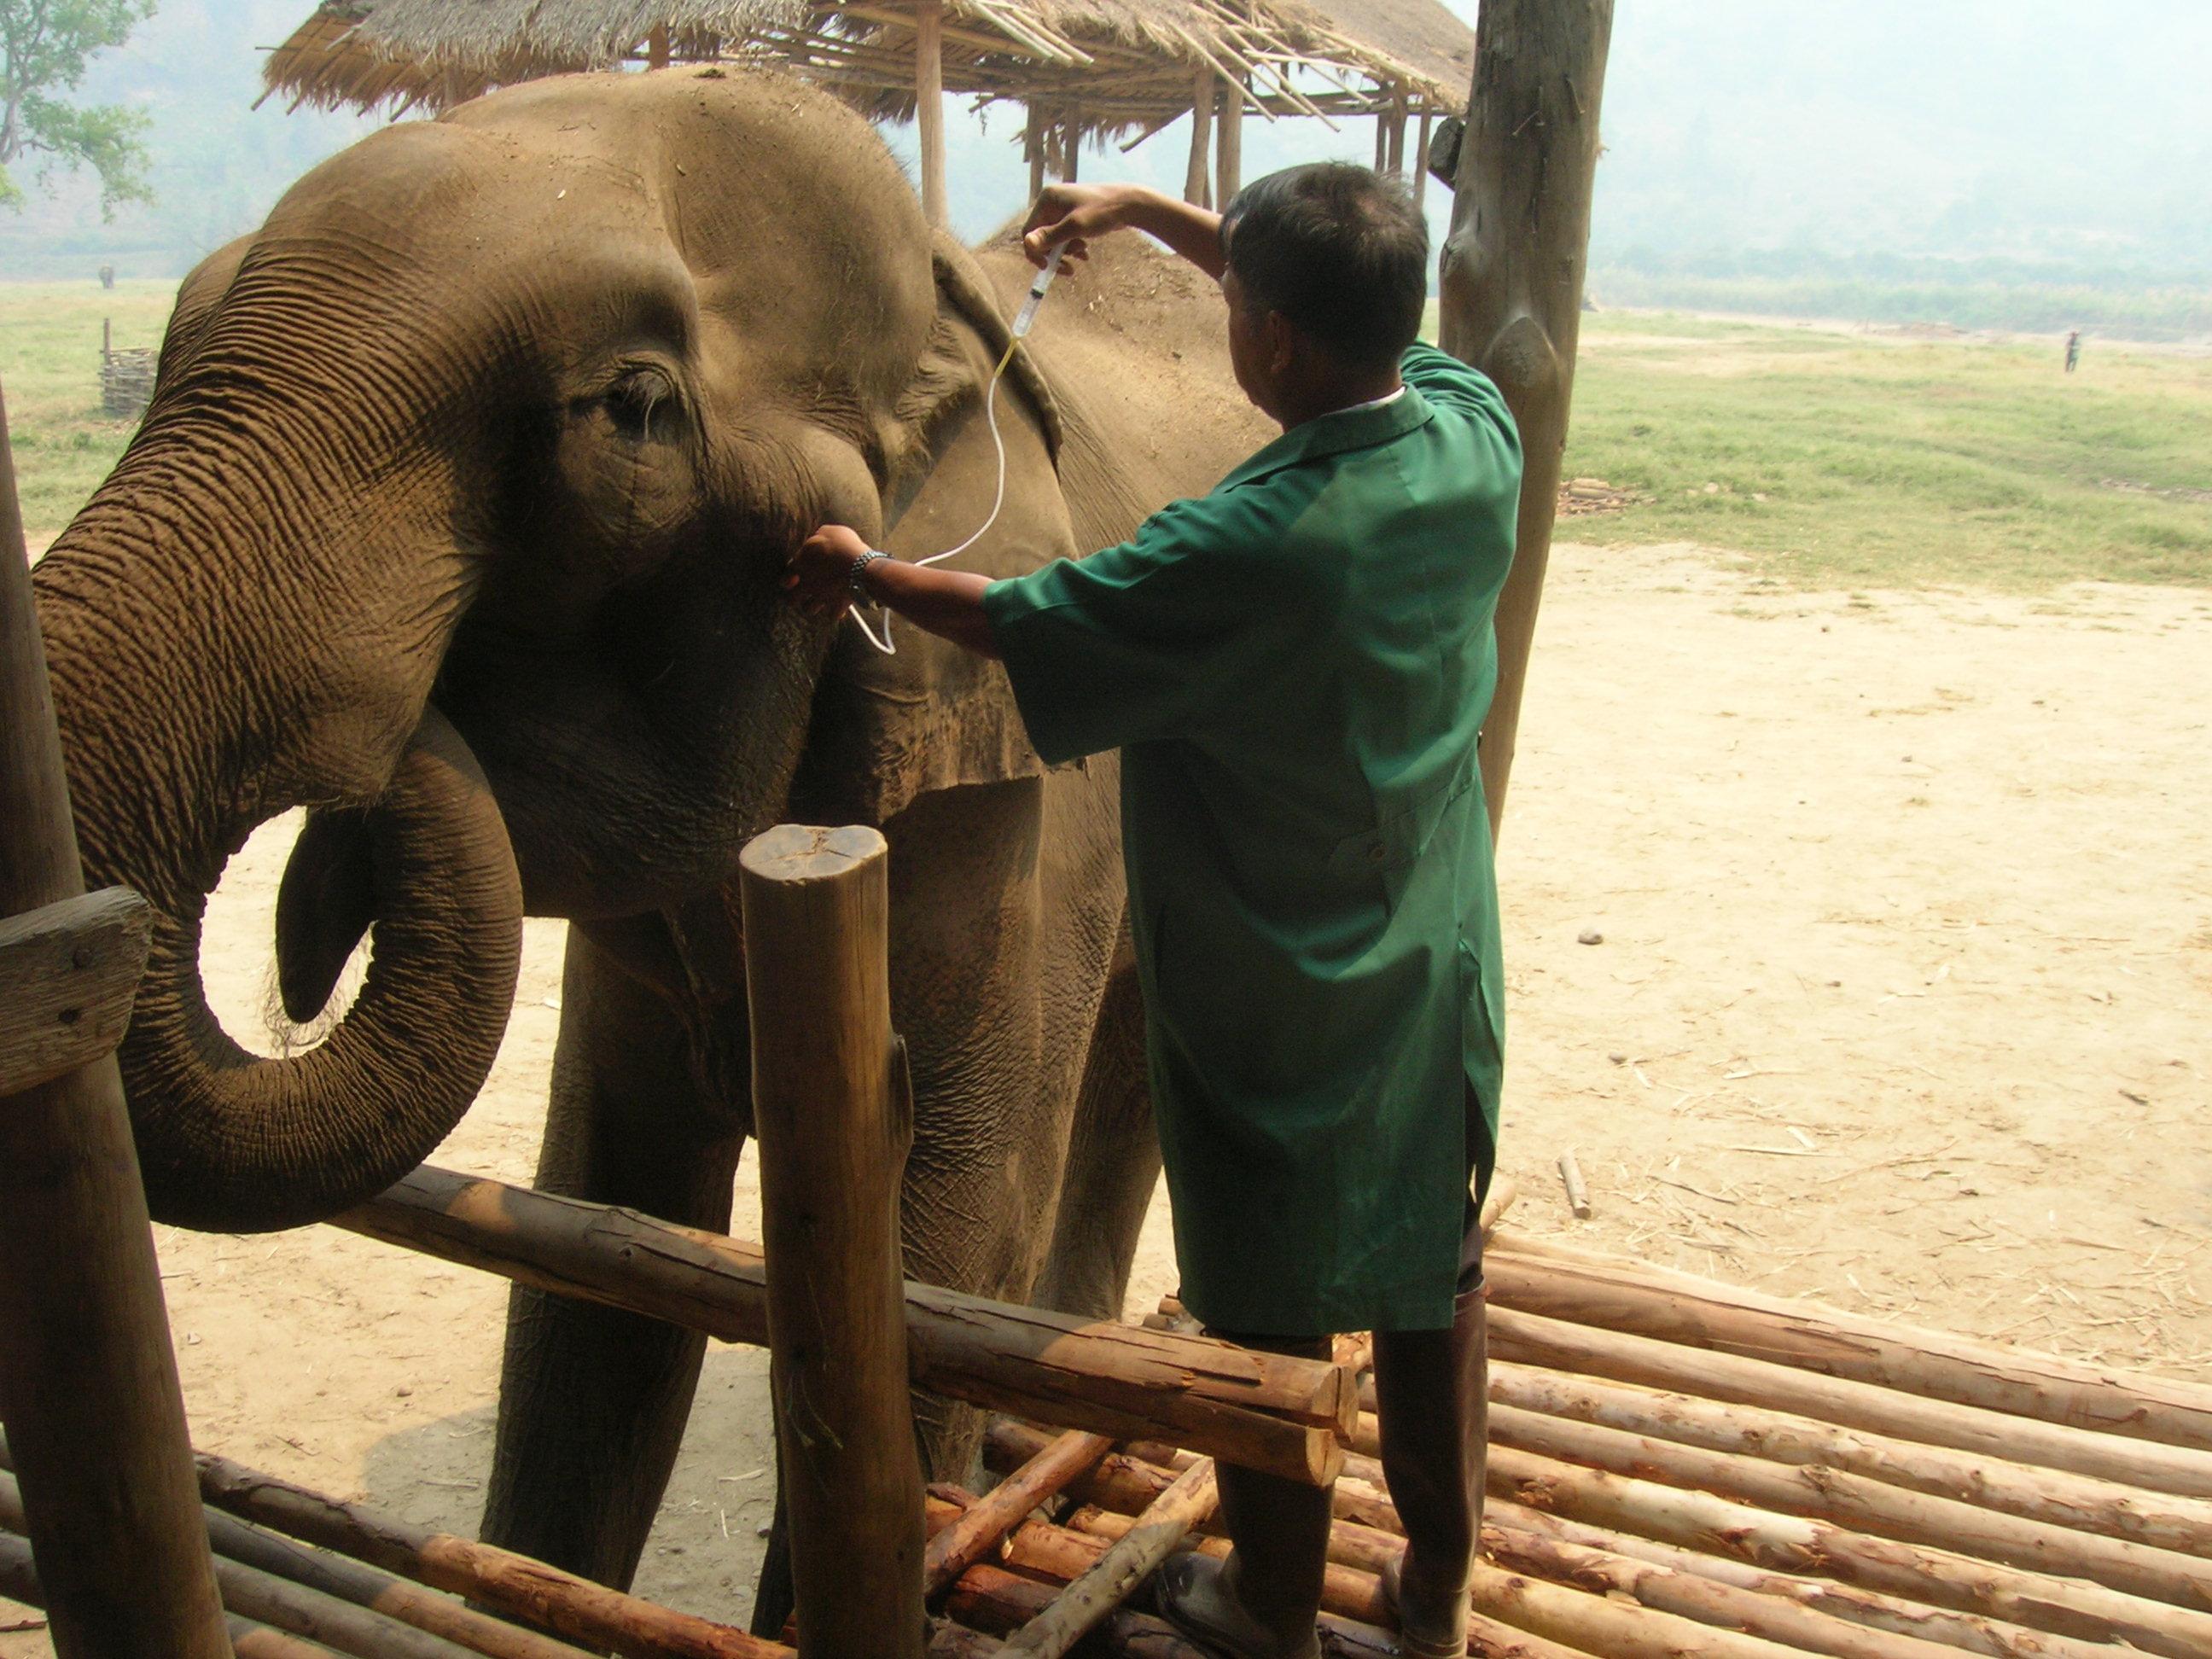 Vet treating elephant